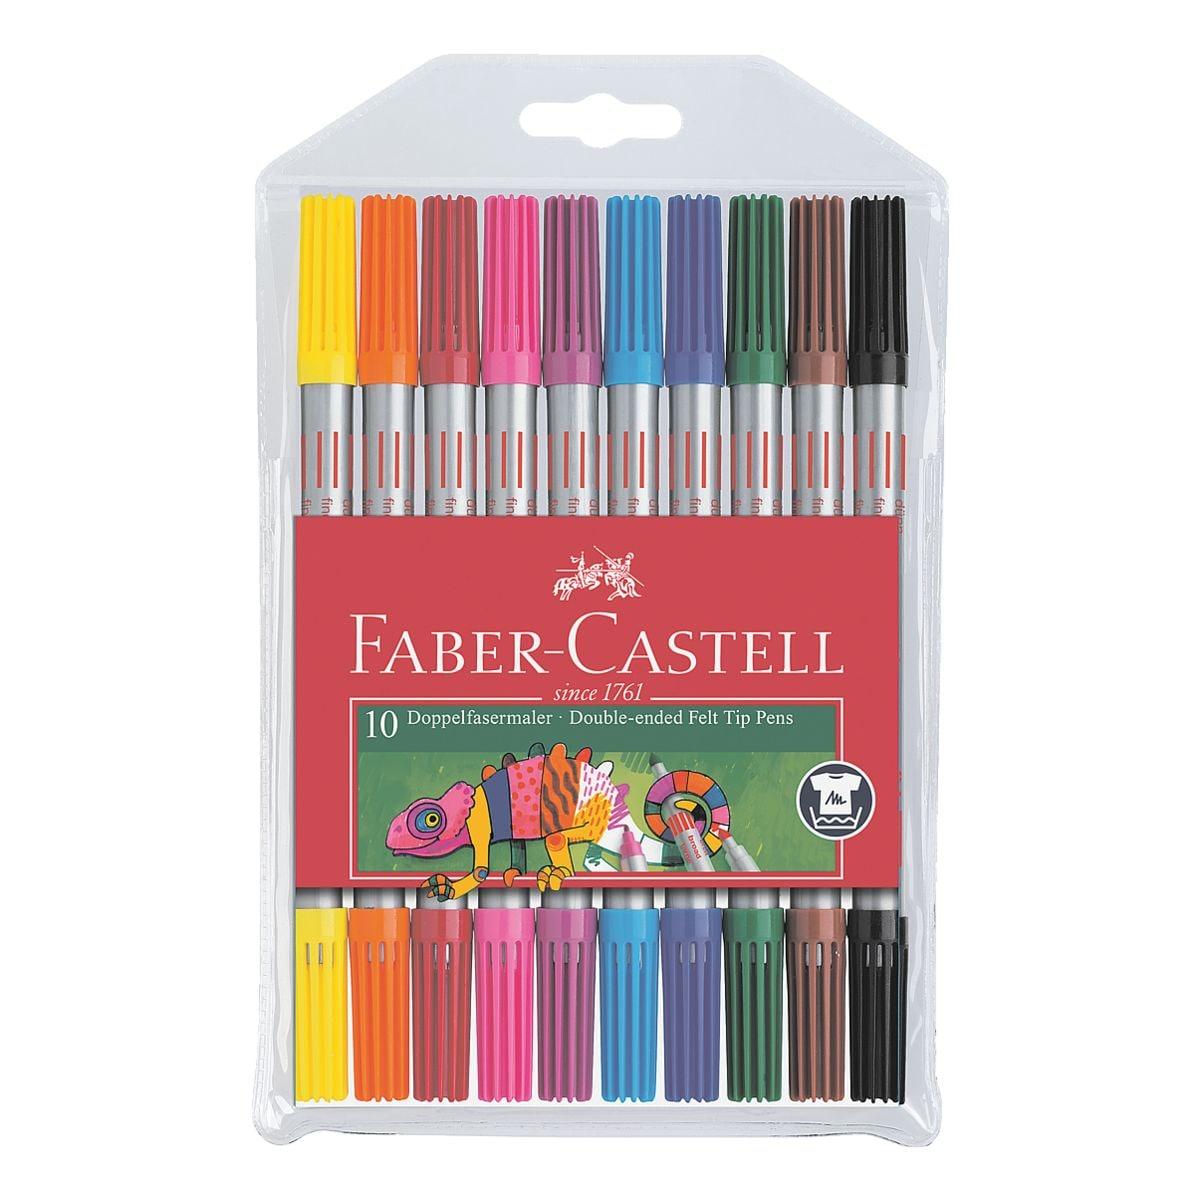 Faber-Castell (Schule) 10er-Pack Doppelfasermaler